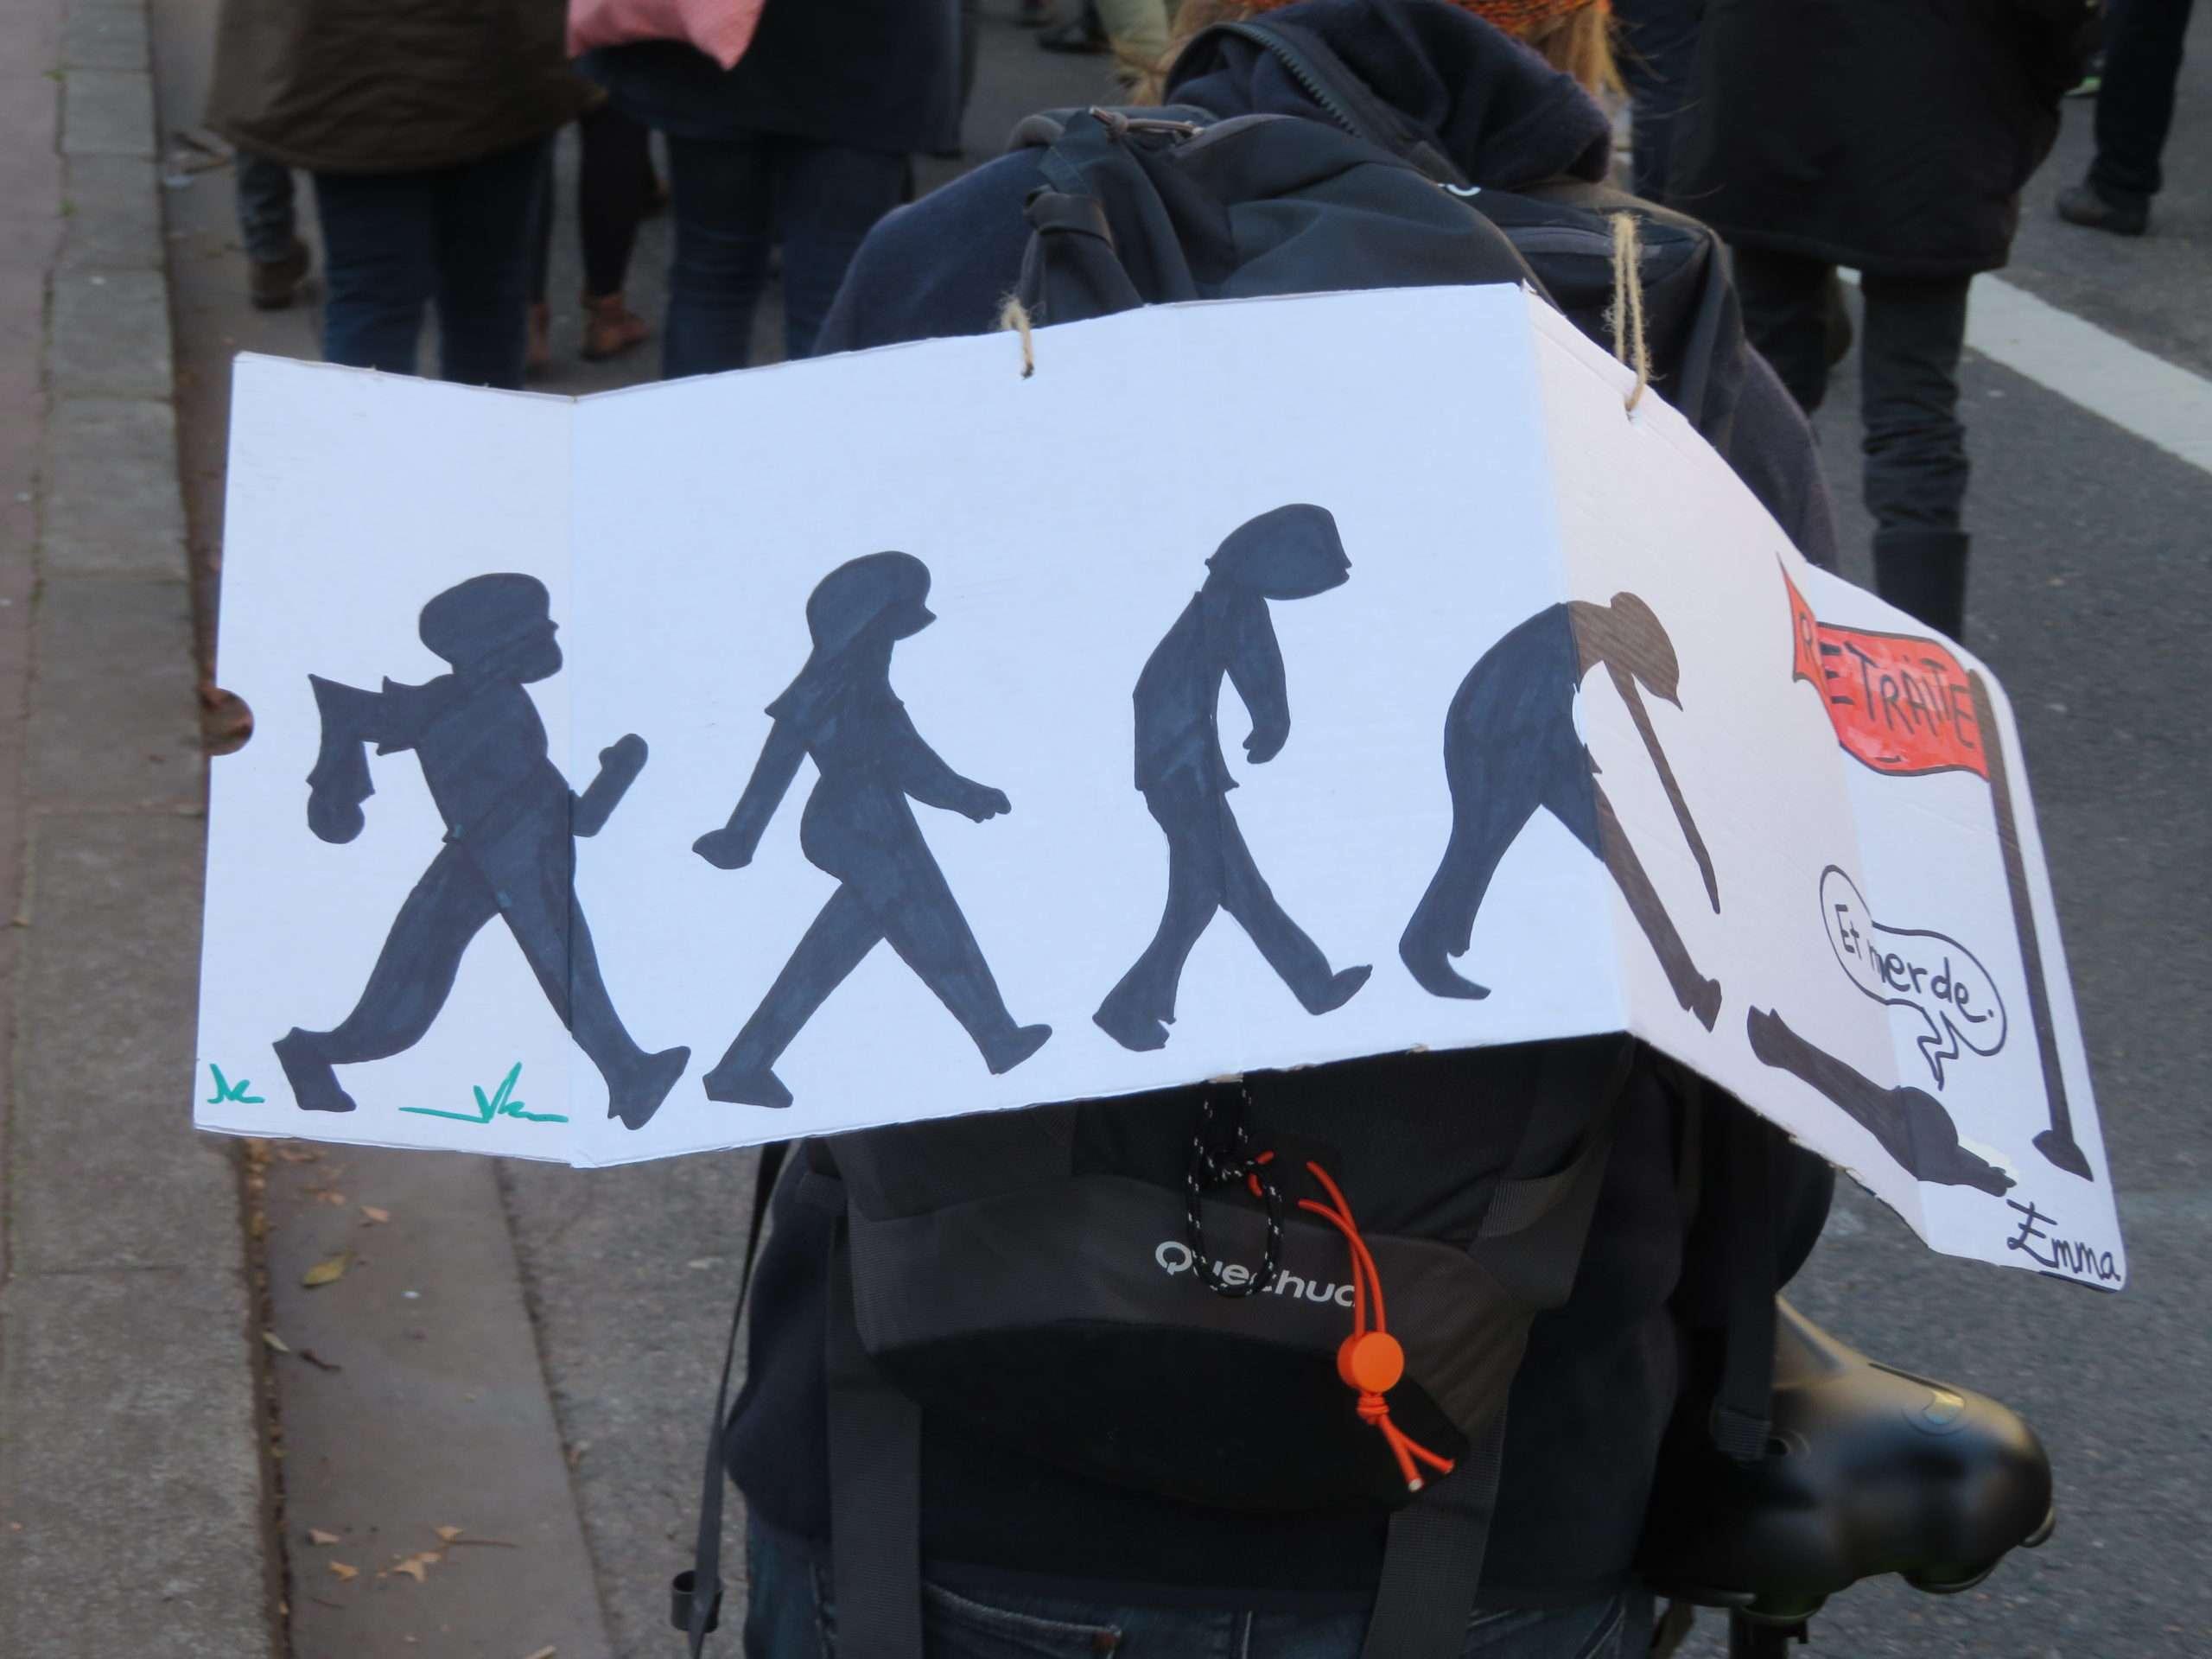 Le mouvement tente de multiplier les formes d'actions pour continuer à mobiliser dans les prochains jours. Photo : Tim Buisson